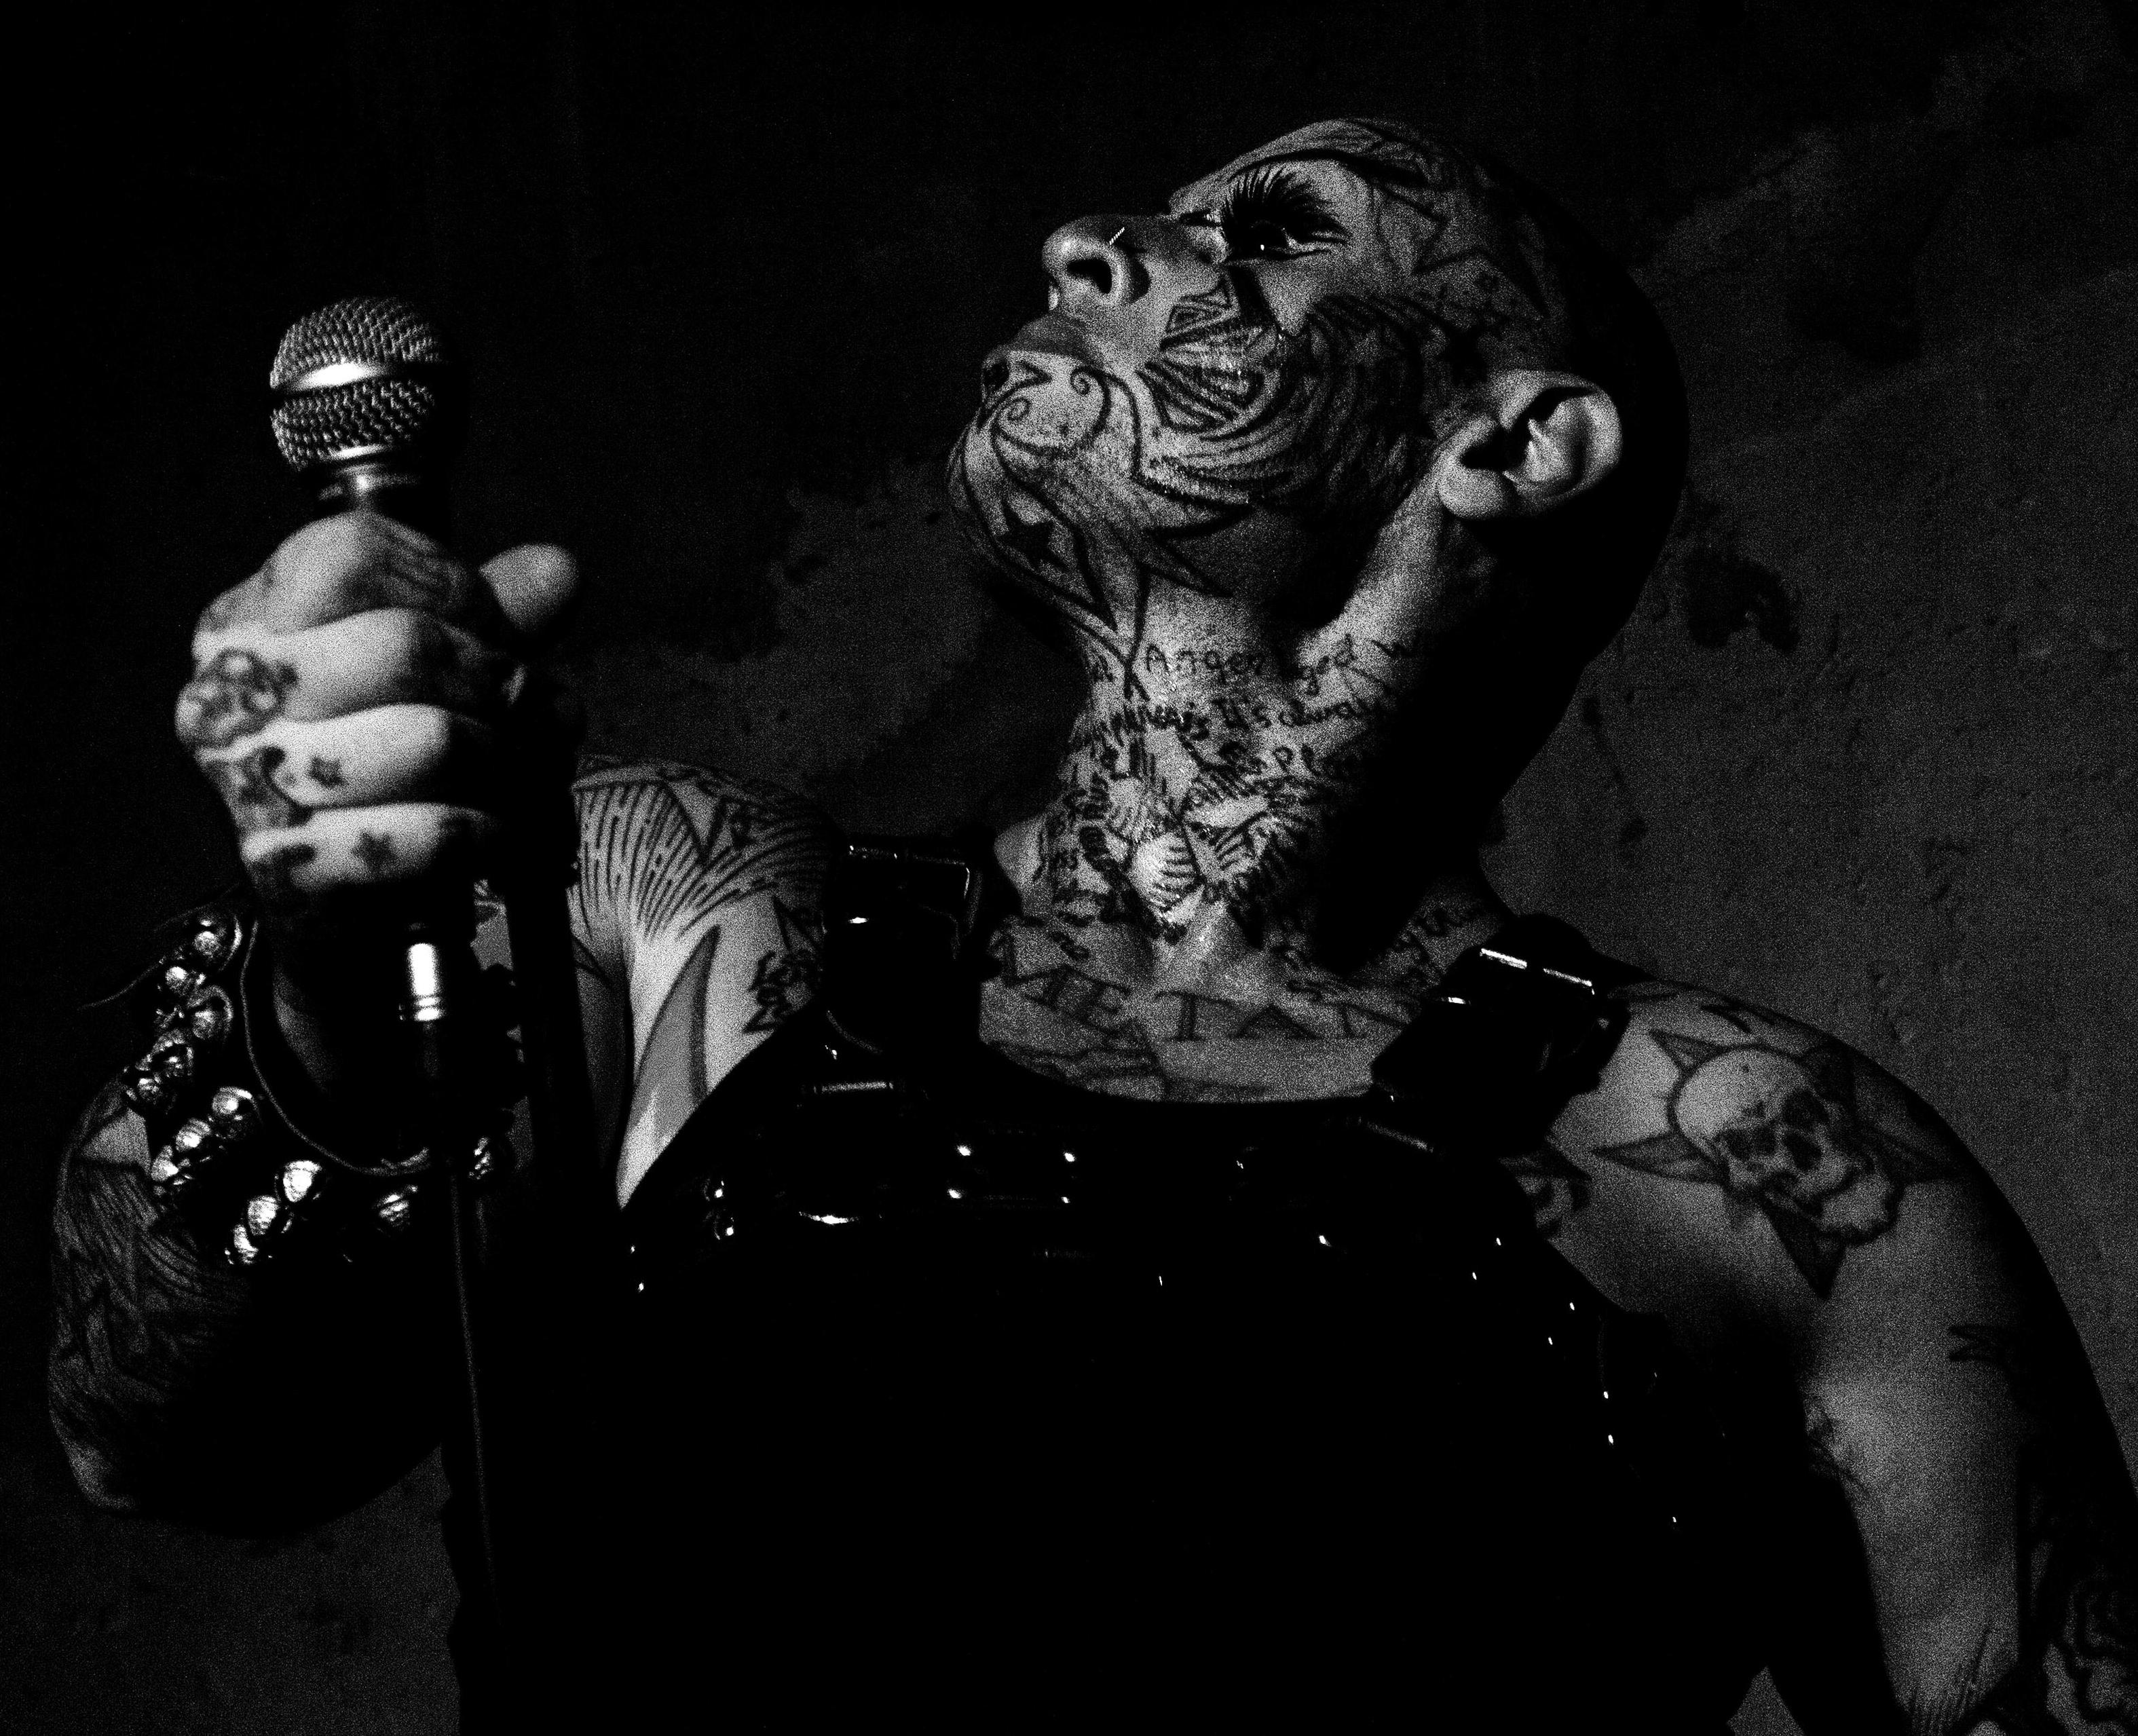 À Venise, les artistes font leur show en musique